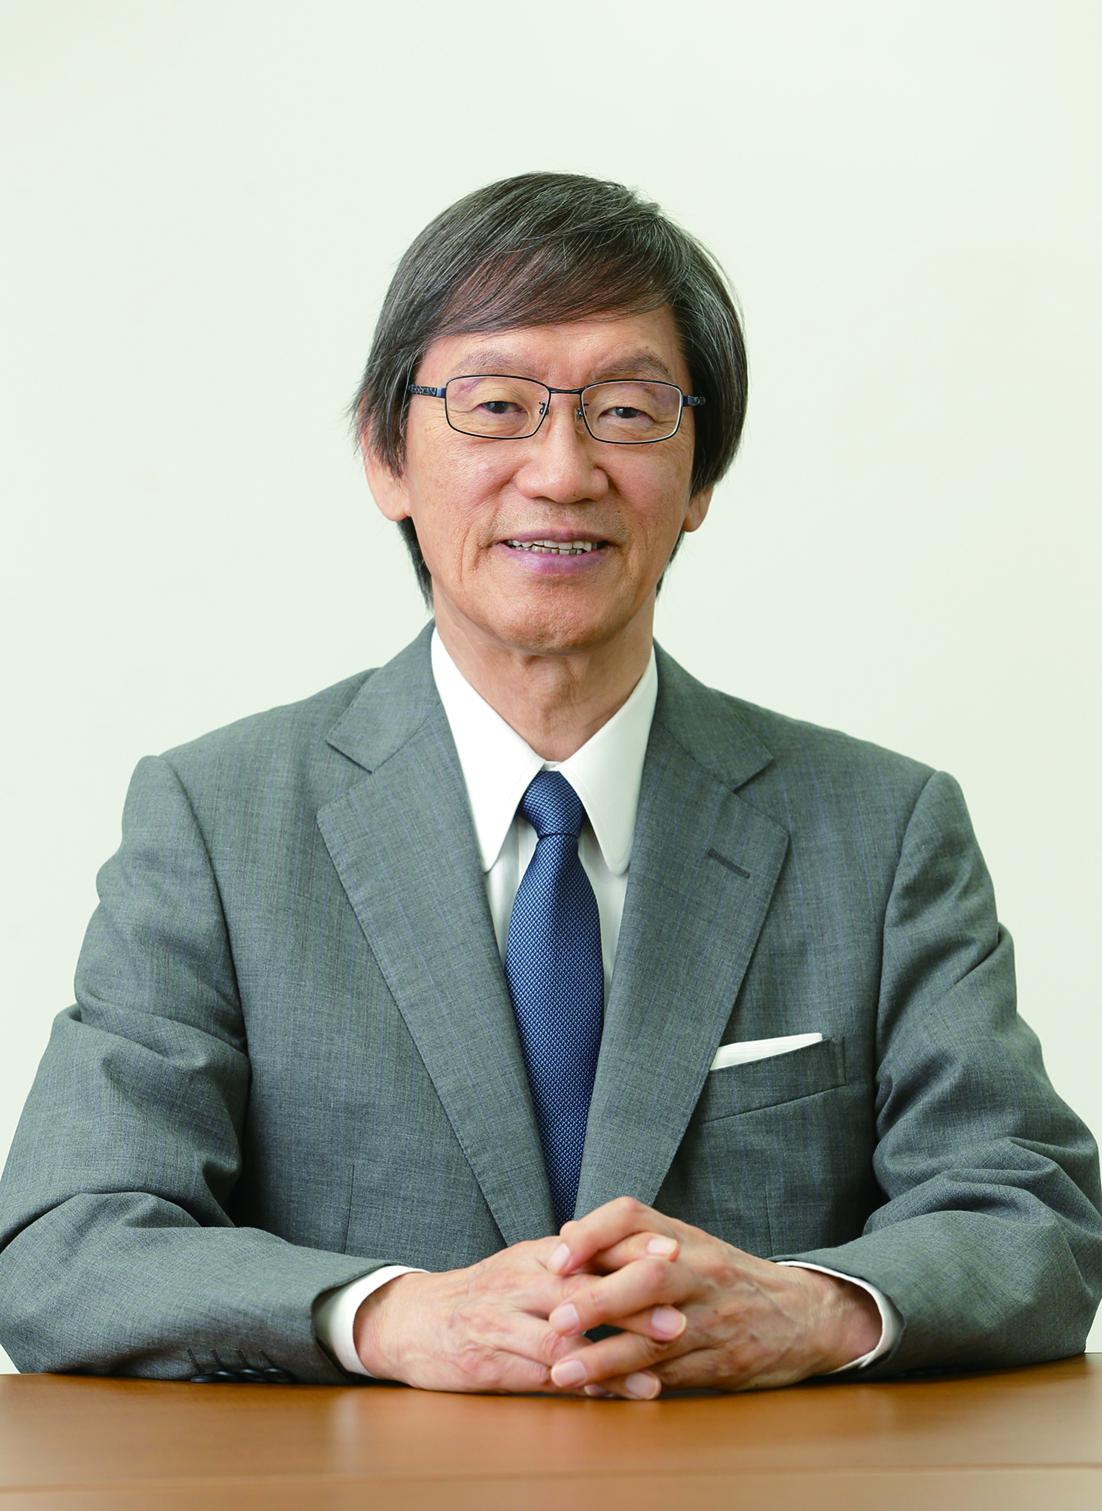 プラセンタ業界のキーパーソンに聞く 株式会社ホルス 代表取締役 三井 幸雄社長インタビュー